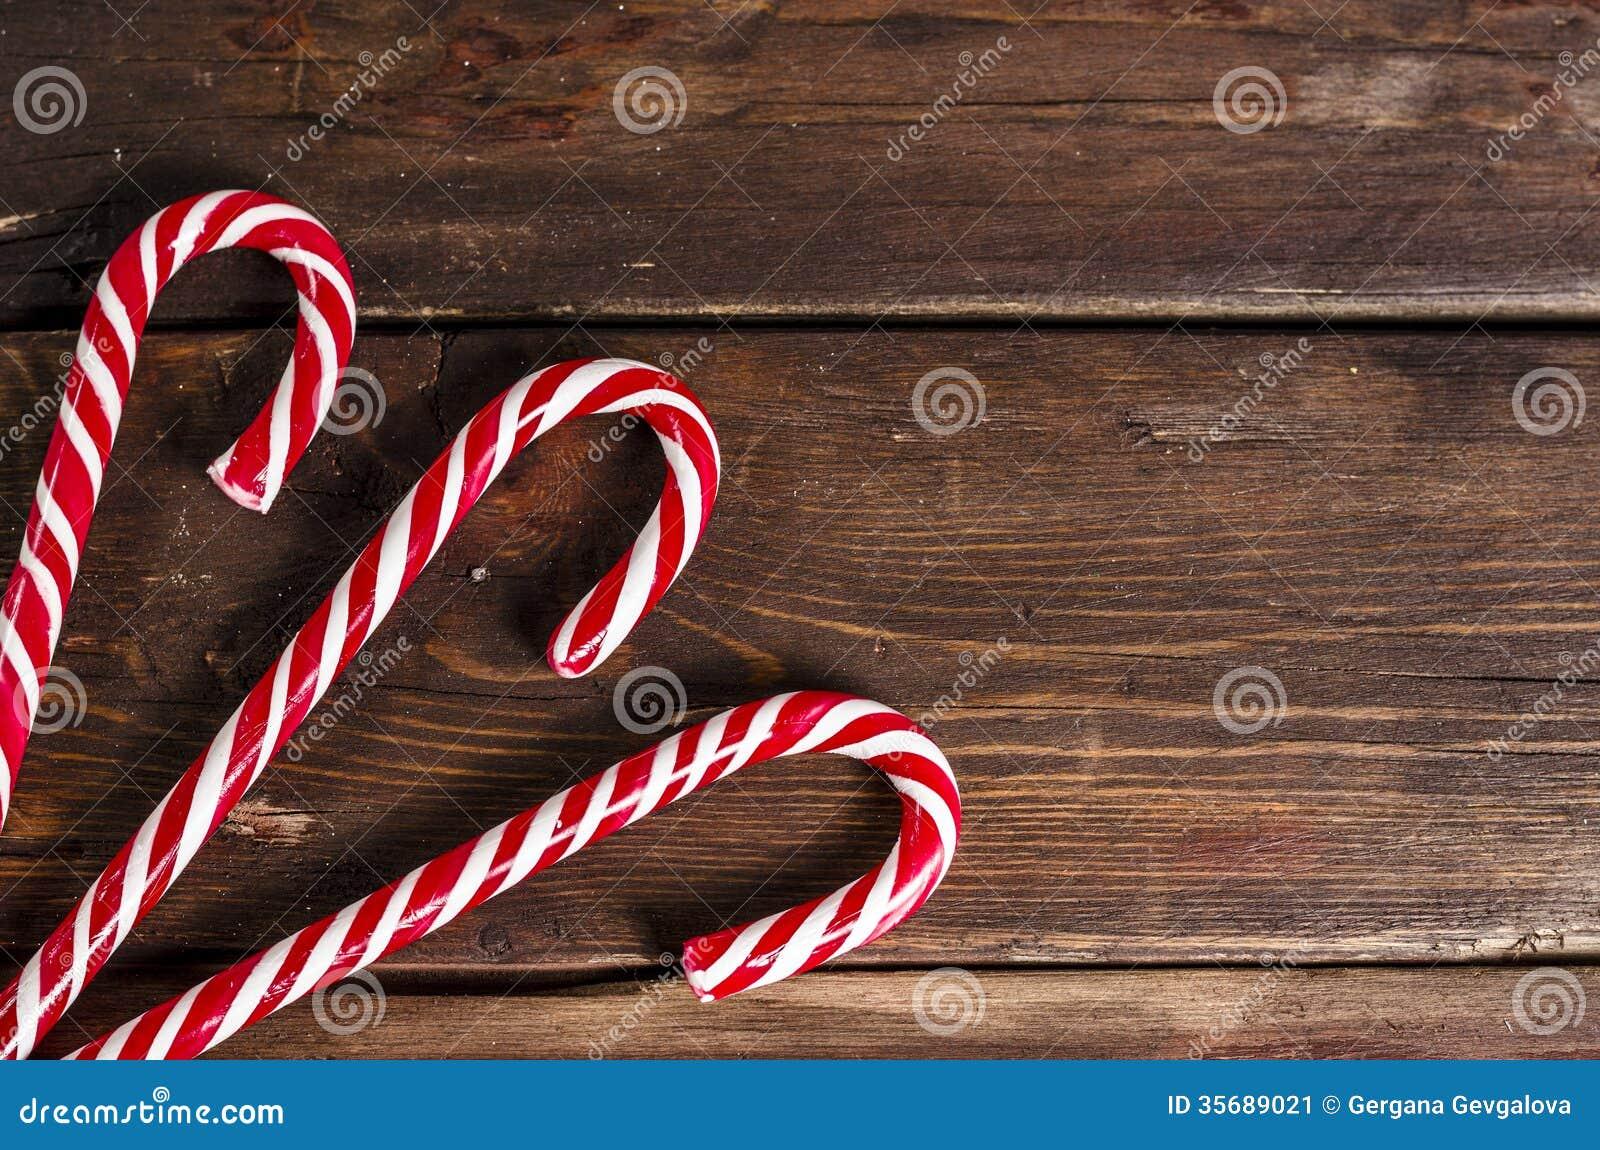 Weihnachtsdekoration auf hölzernen Brettern